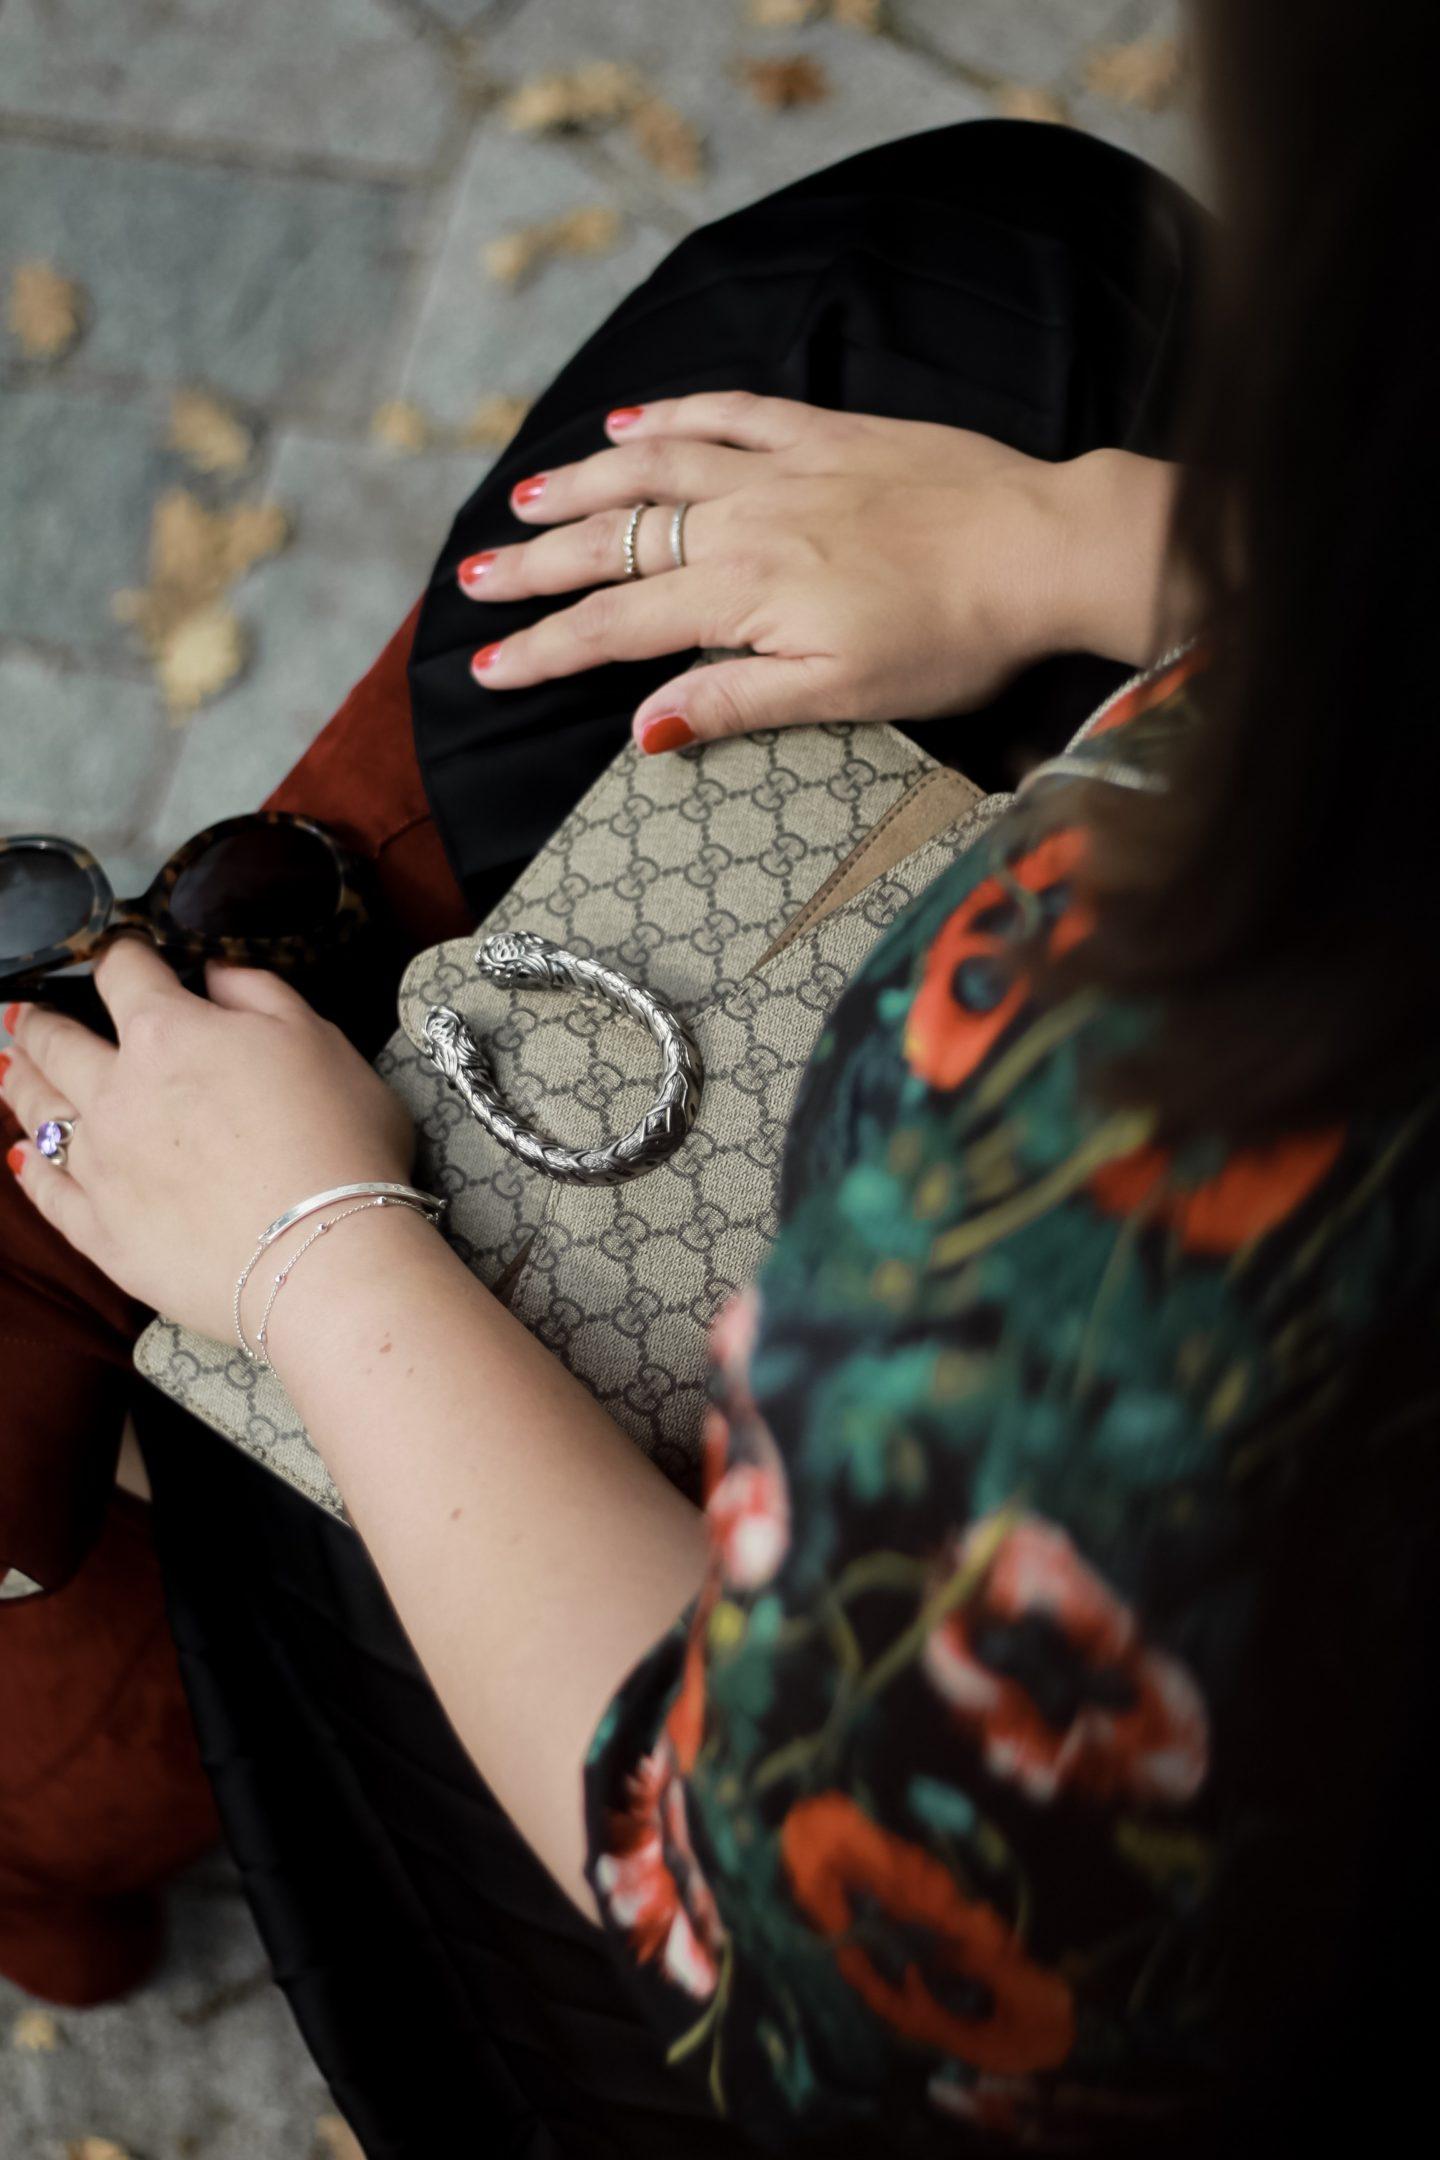 Herbstblumen-Ueber-die-kleinen-Dinge-im-Leben-Miss-Suzie-Loves-Susanne-Heidebach-Herbstoutfit-Herbstlook-Details-Gucci-Dionysus